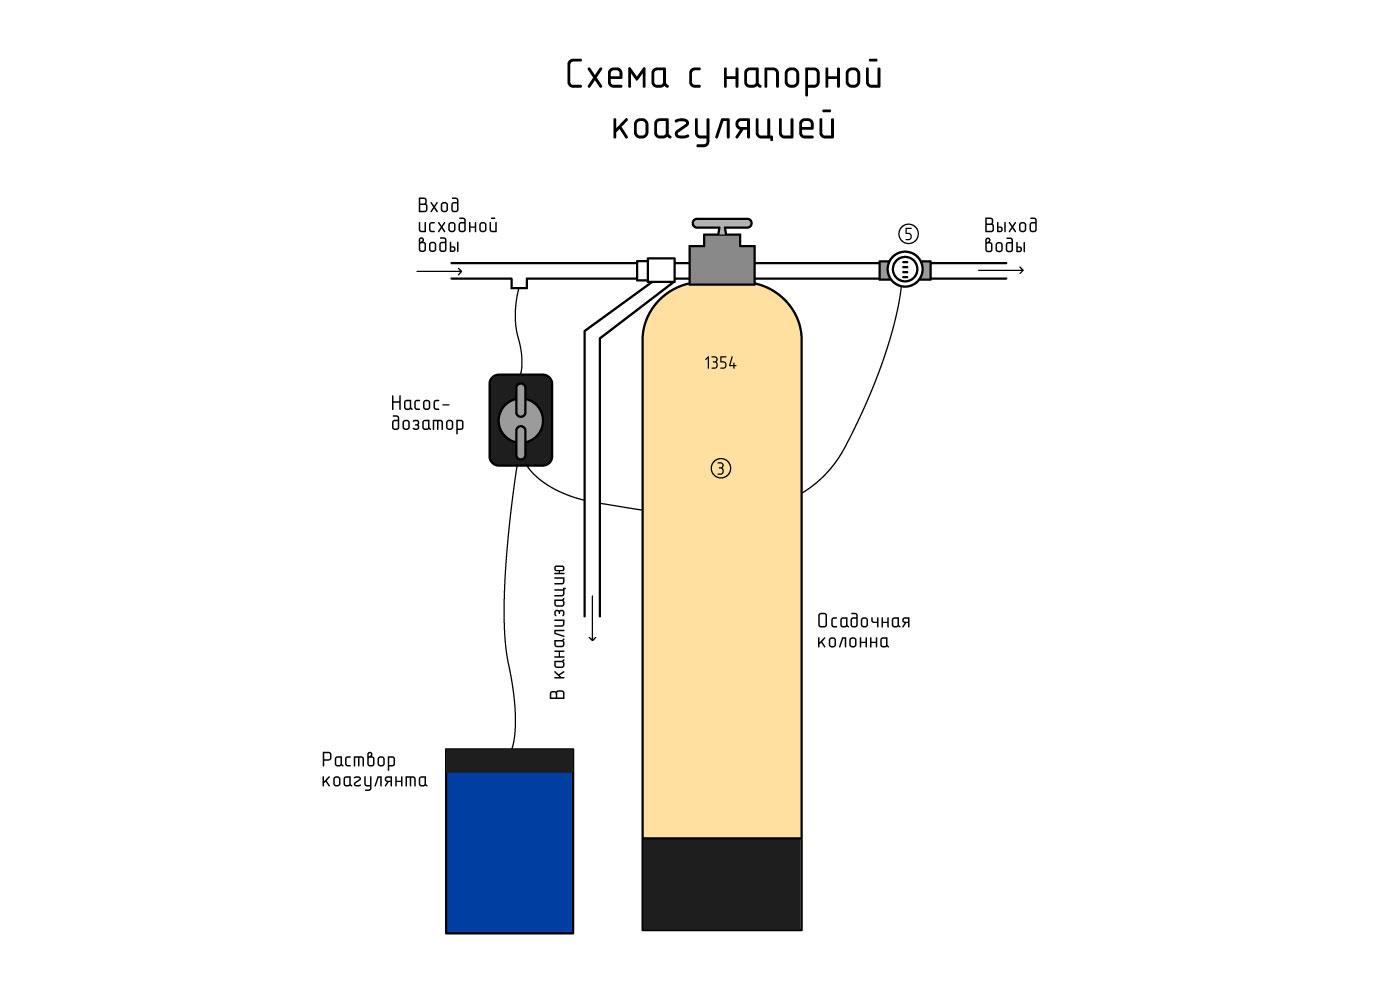 Очистка сточных вод коагуляцией: что это такое, принцип действия, метод флокуляции, какие еще разновидности существуют, а также полезное видео по теме